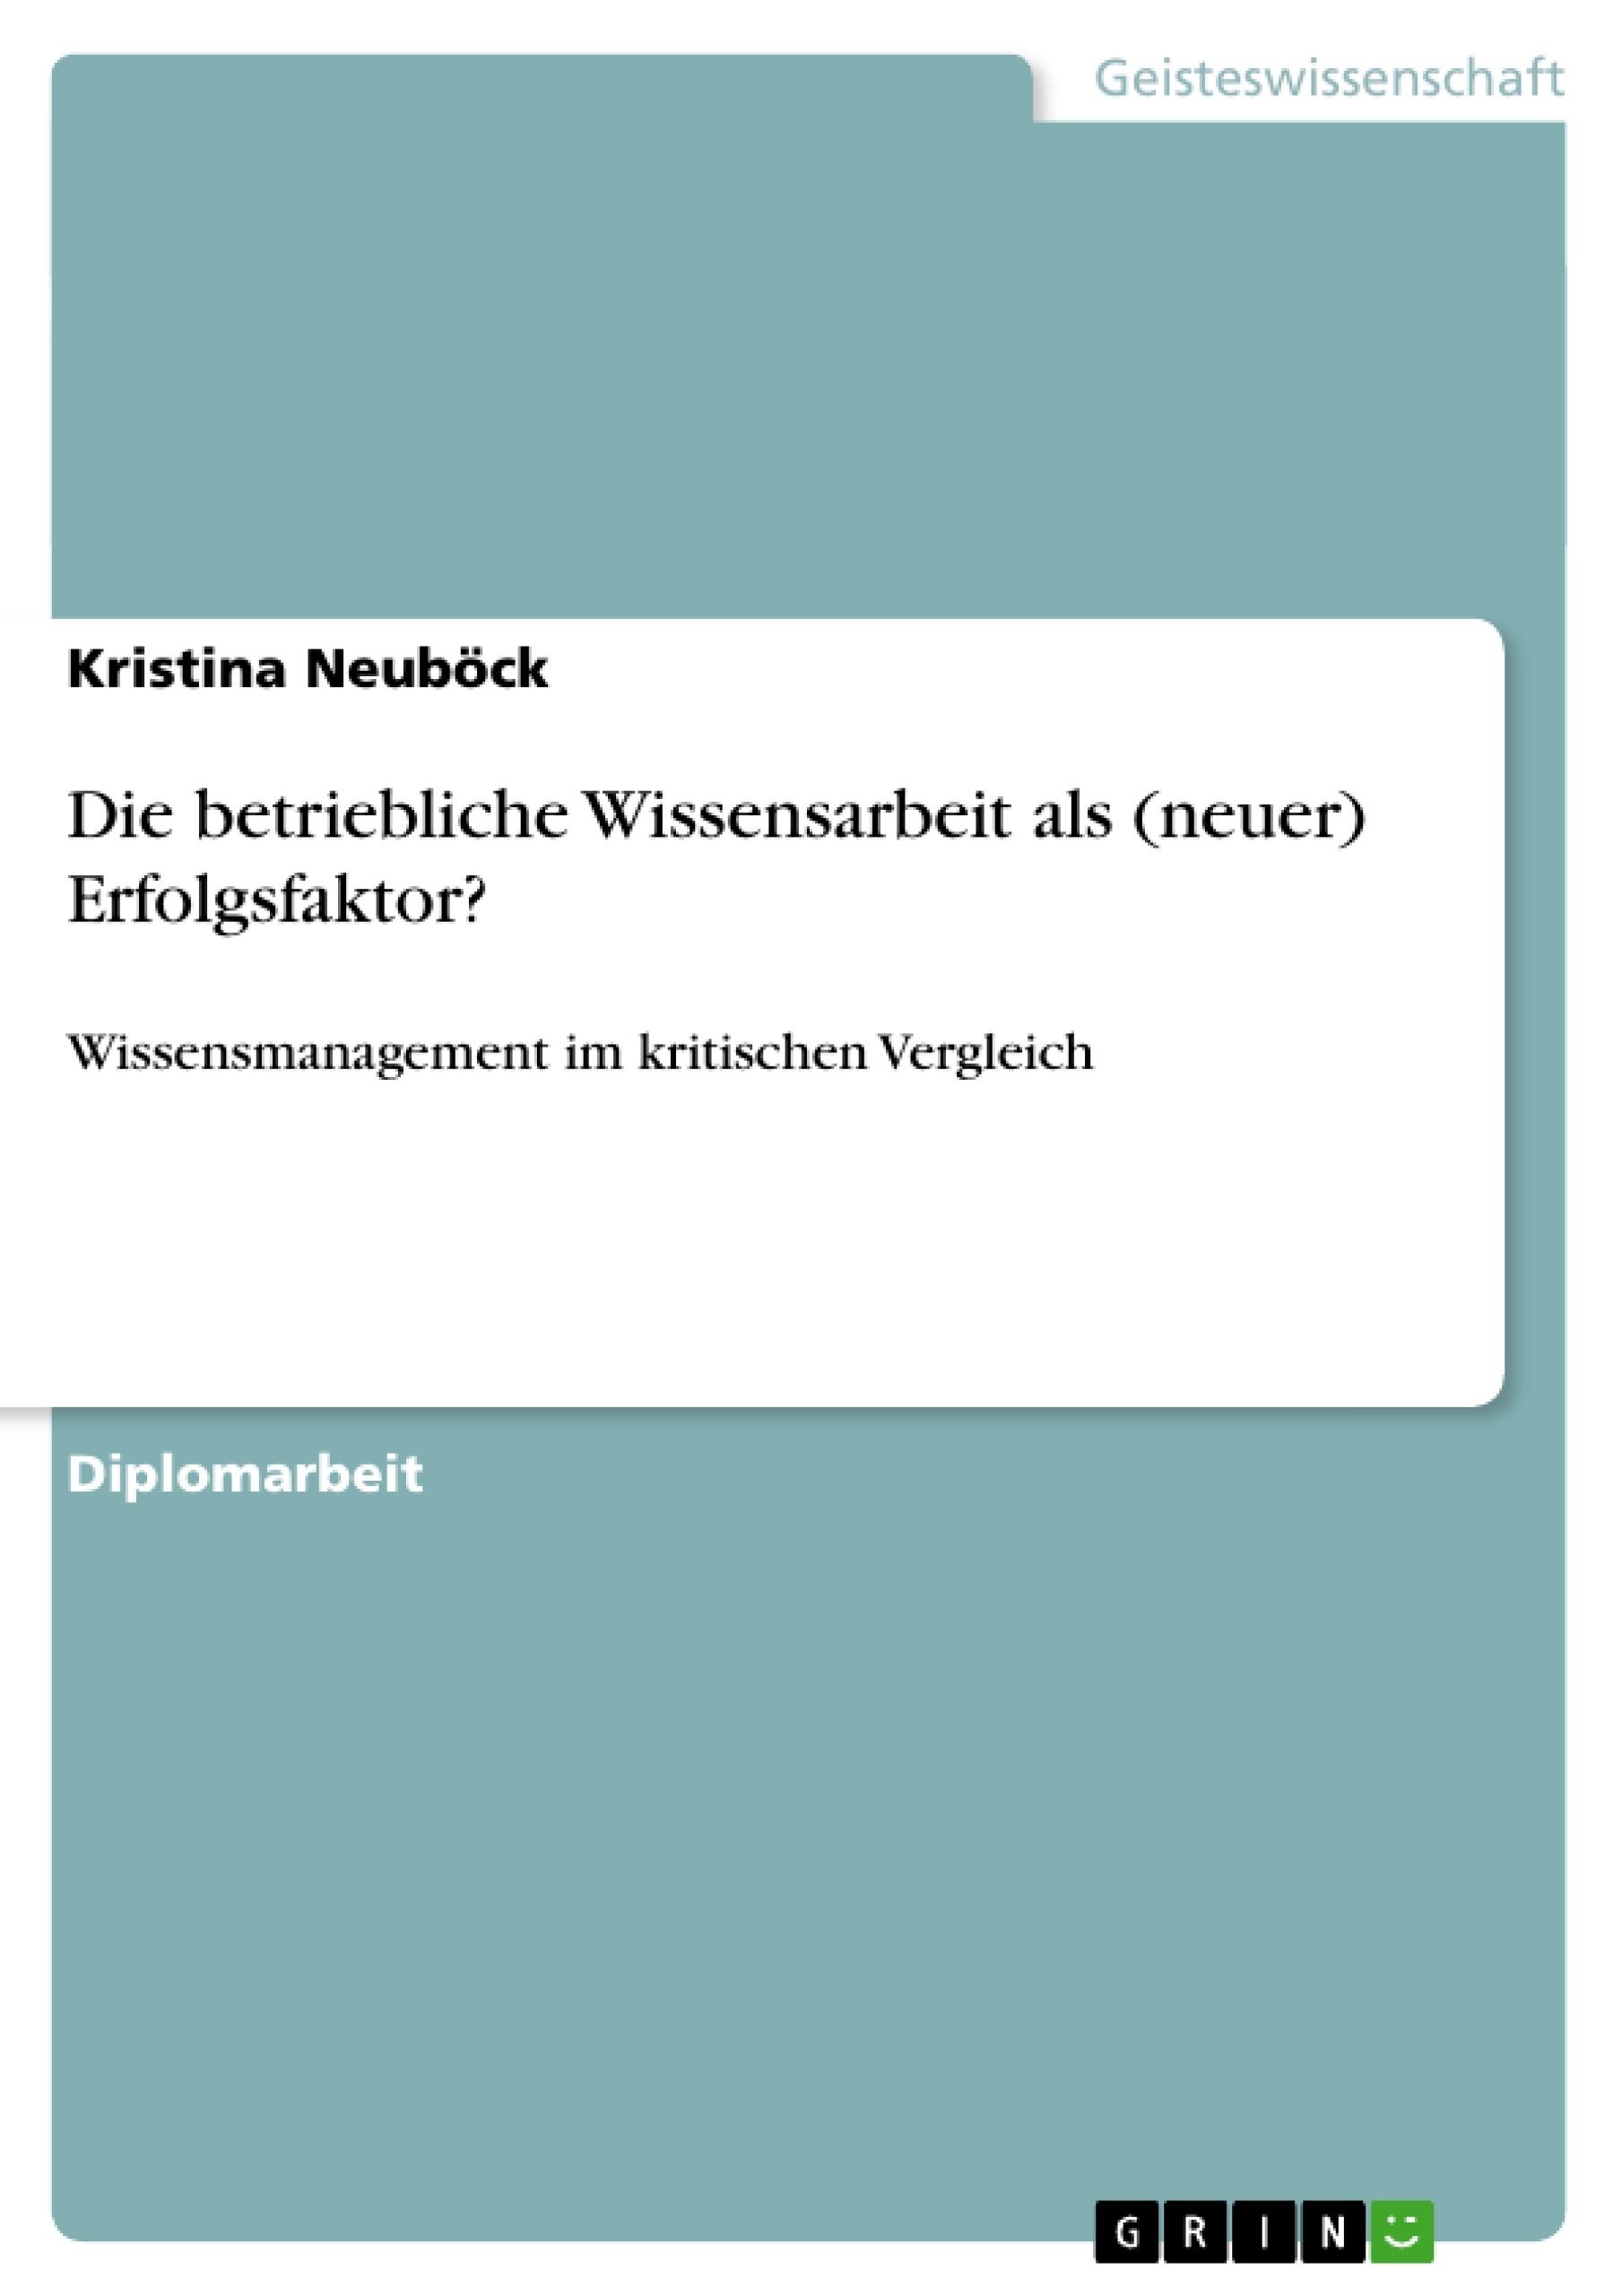 Ungewöhnlich Multiplikation Fakten Arbeitsblatt Bilder - Gemischte ...